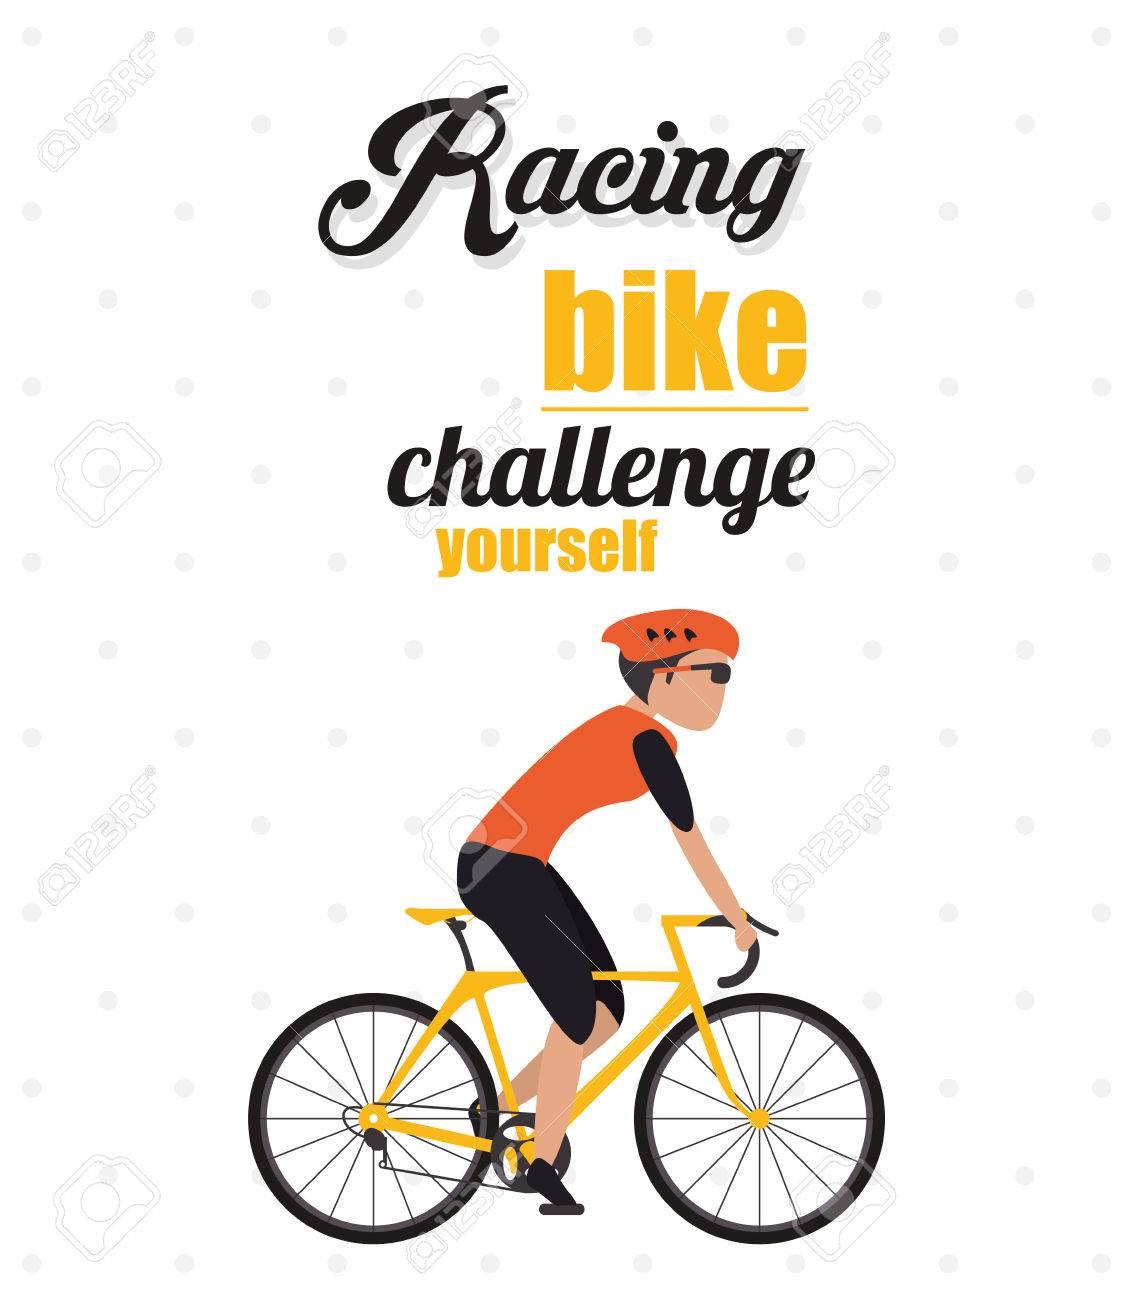 Vélo Bicyclette Cycle Casque Homme De Course Dessin Animé Garçon Mâle Défi Vous Icône Illustration Pointu Et Colorfull Vecteur Graphique